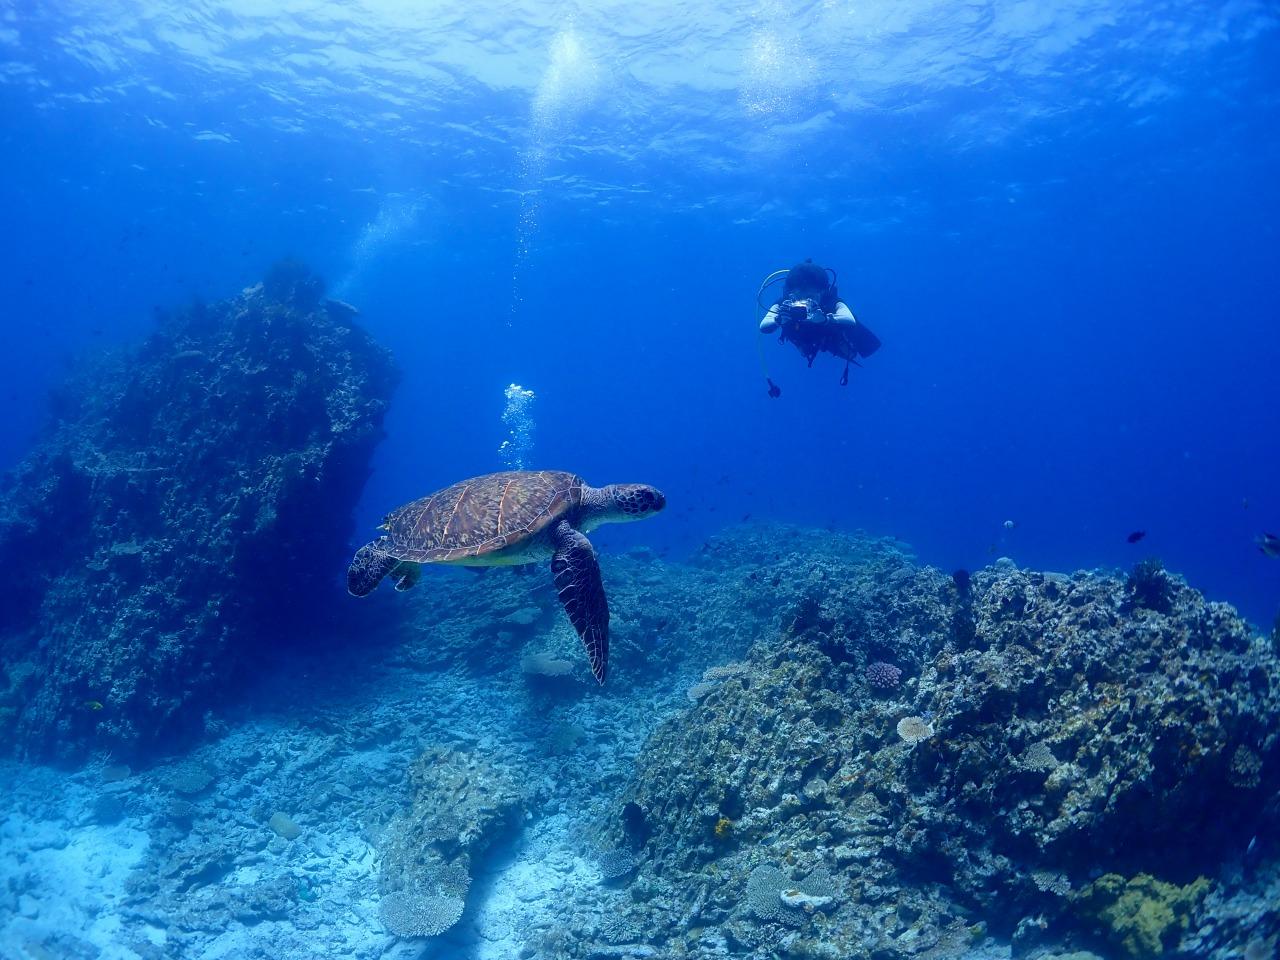 ウミガメも見られる宮古島の海